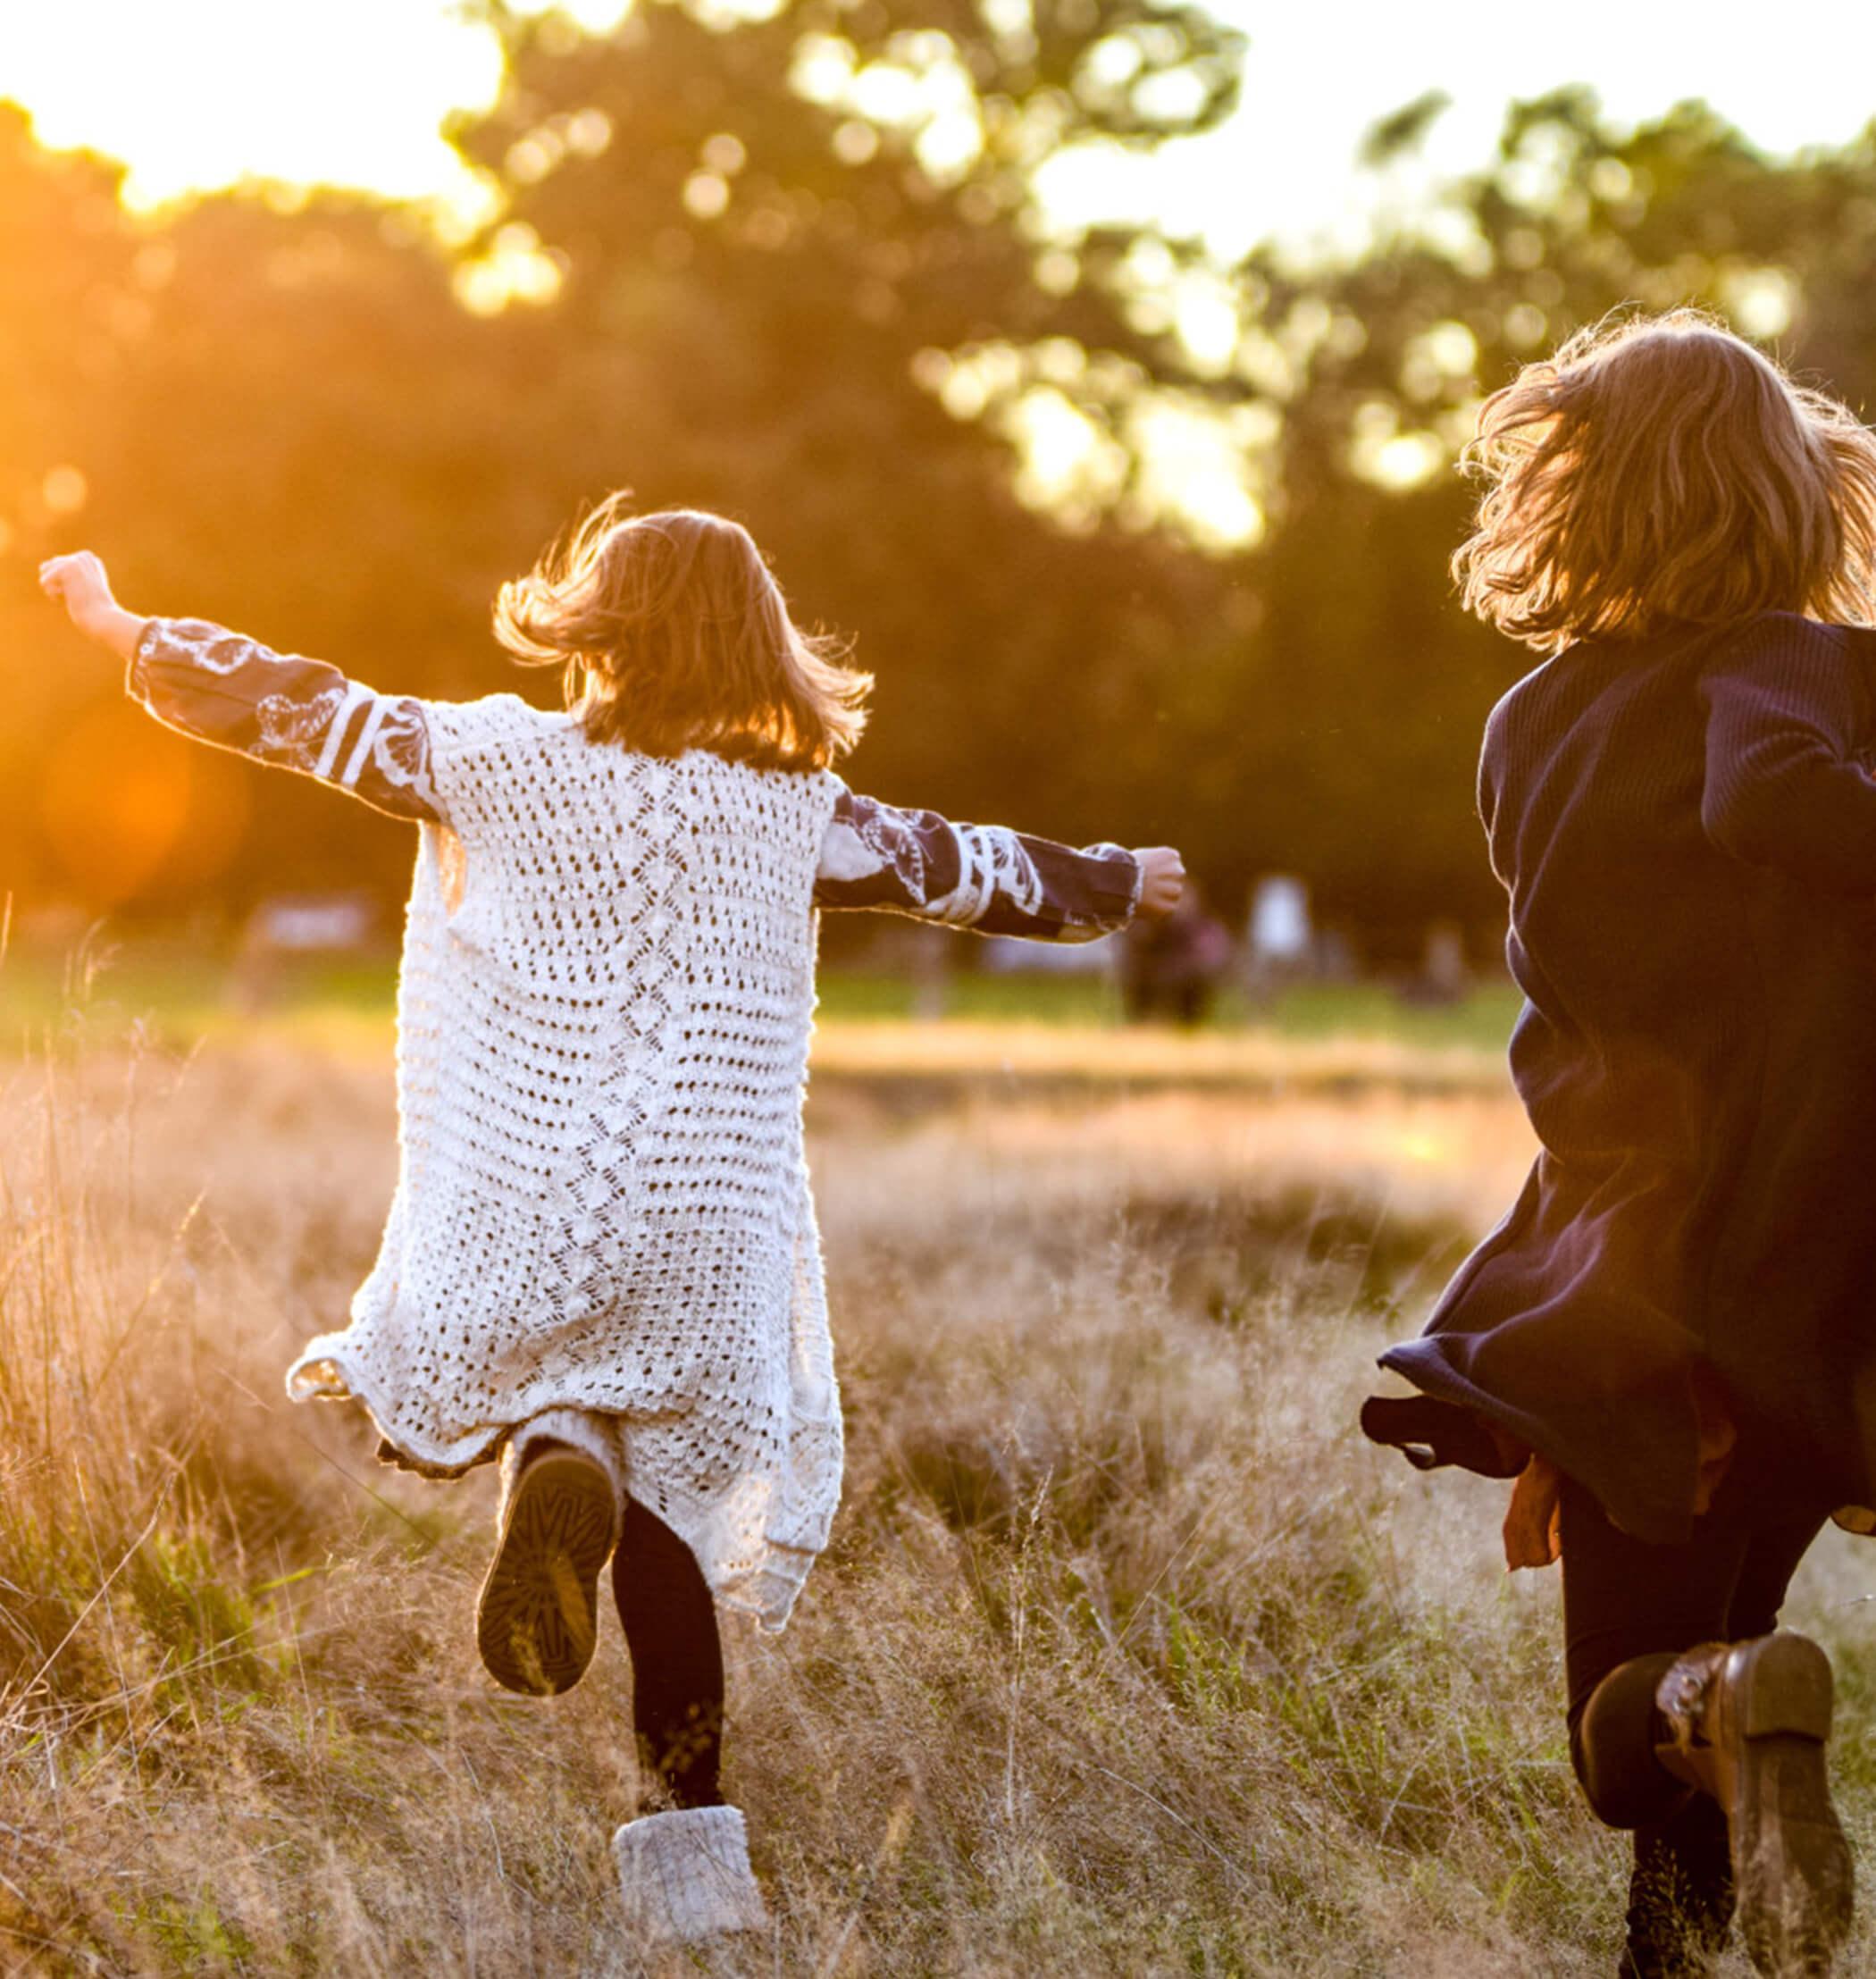 Zwei Kinder laufen spielend durch Wiese